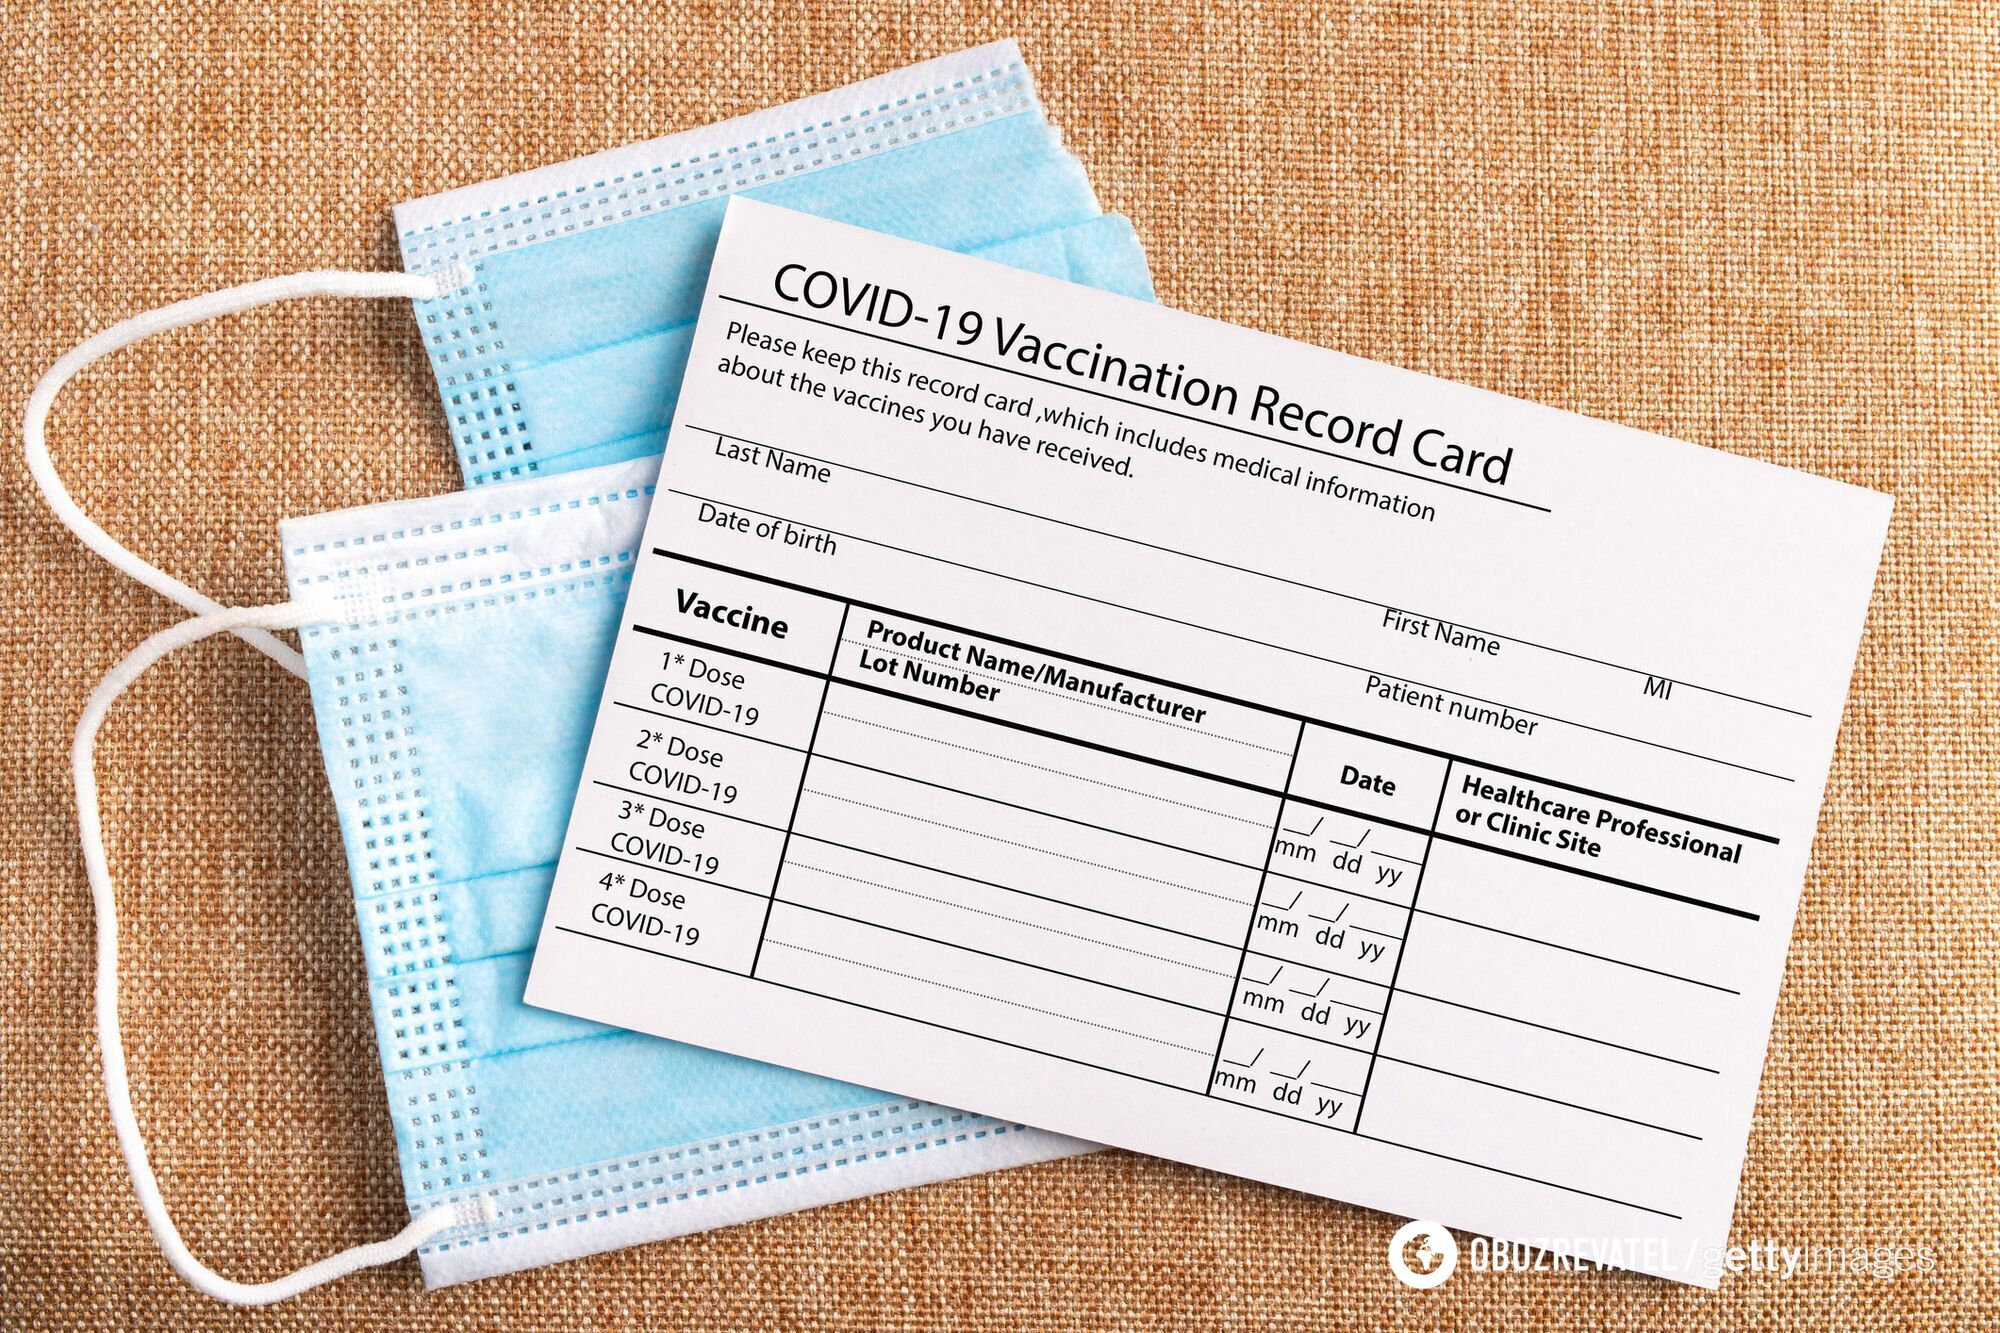 Сертификат о вакцинации можно будет получить после второй прививки